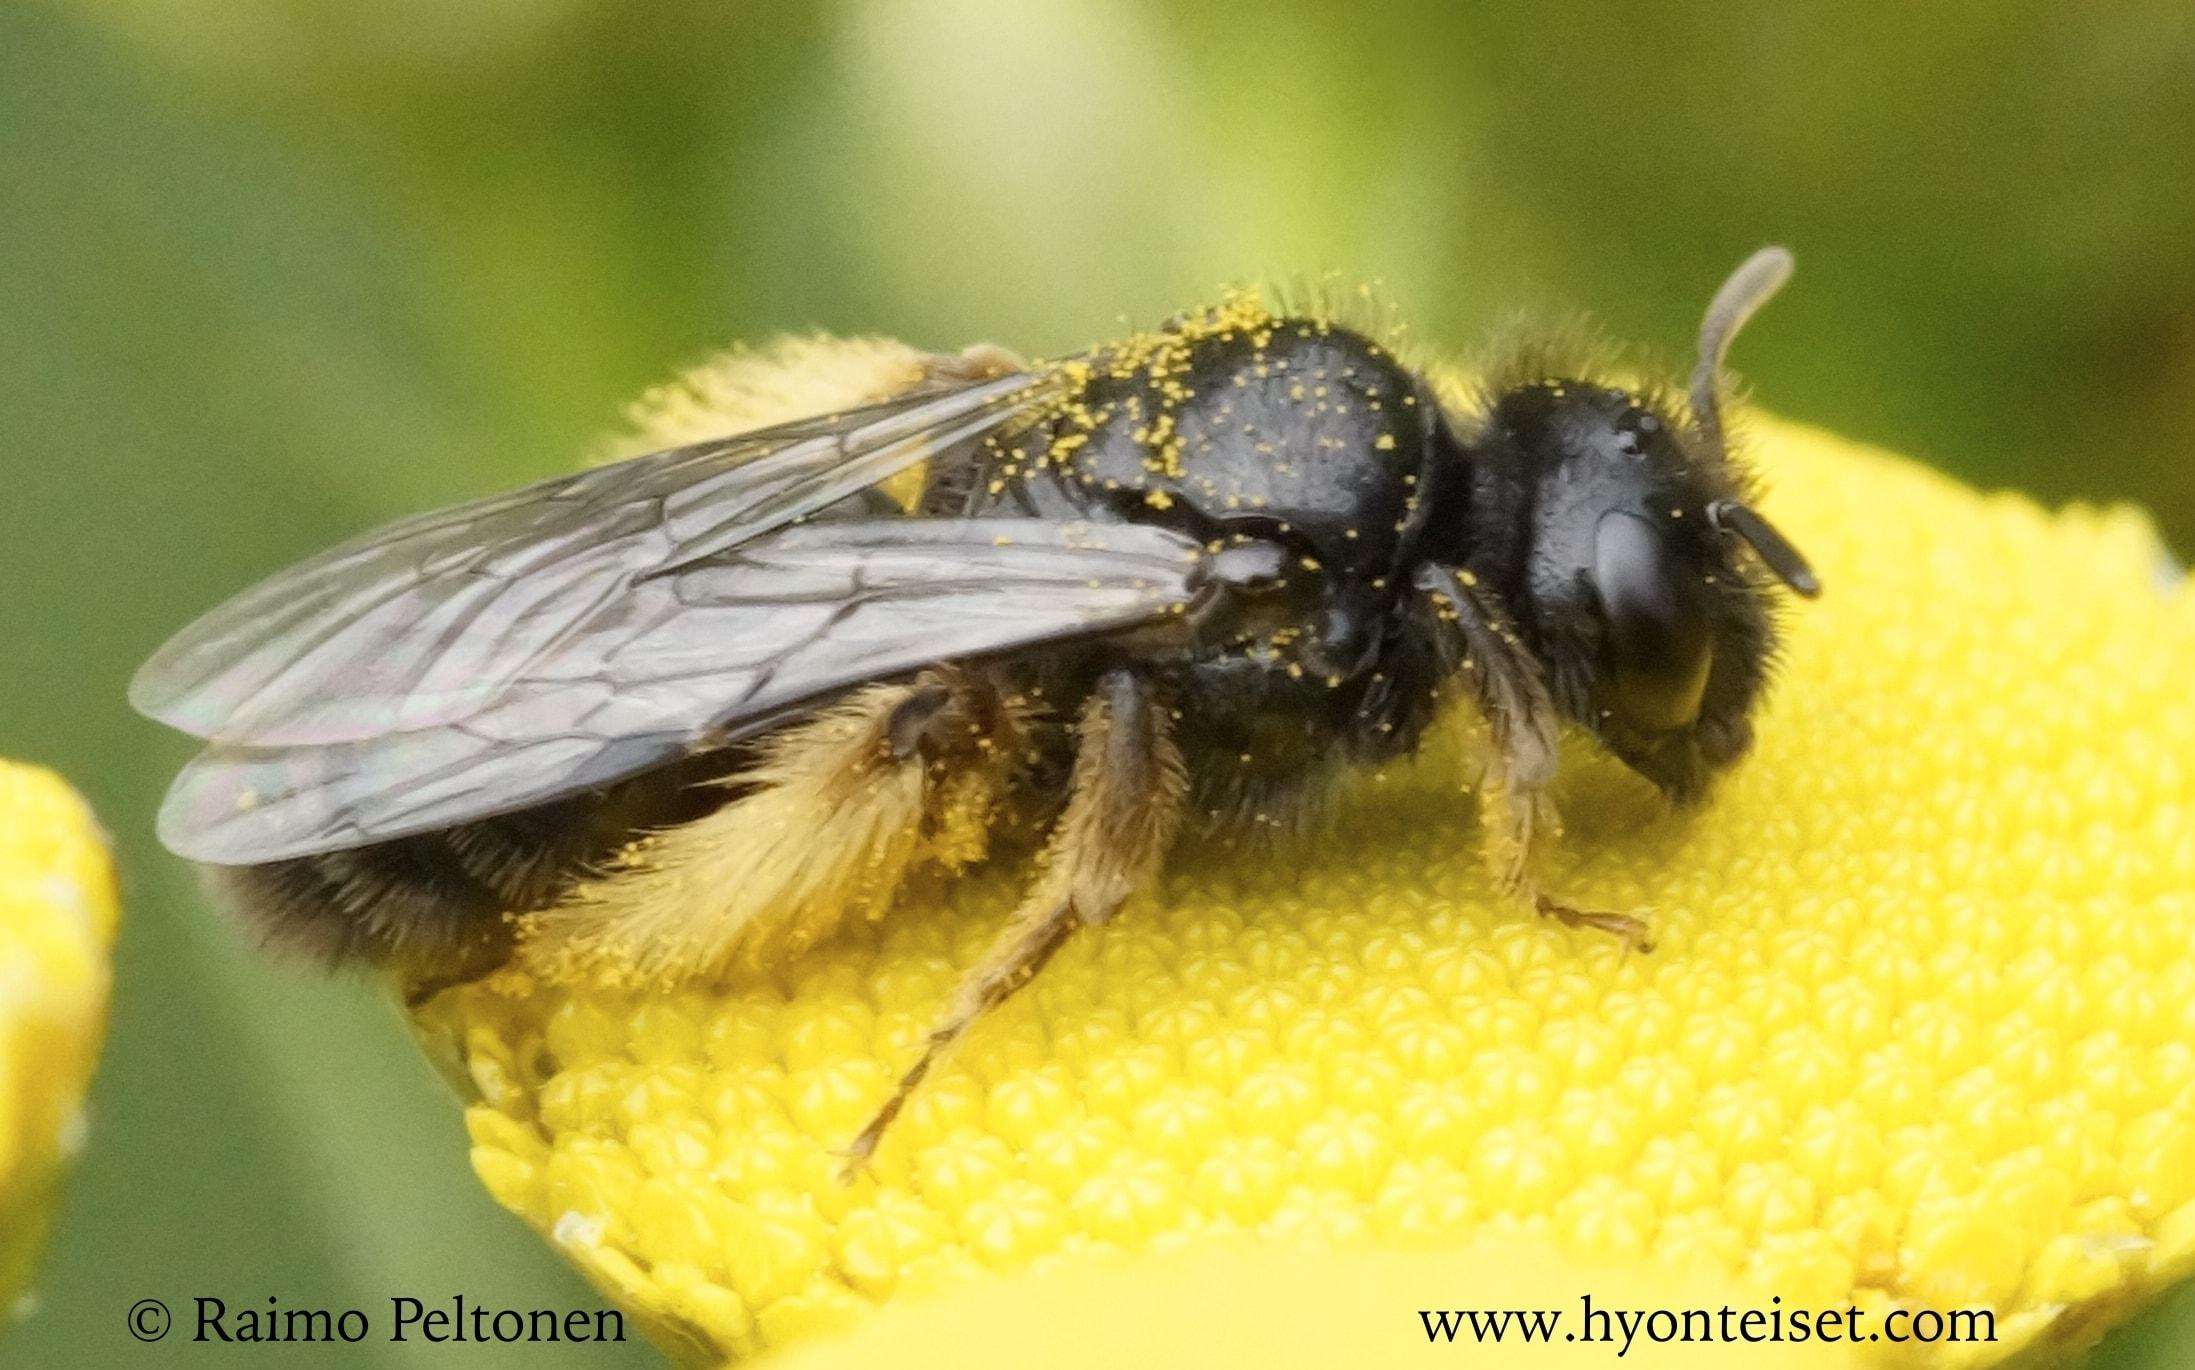 Panurgus calcaratus-pikkupiehtarimehiläinen, naaras (det. Juho Paukkunen)